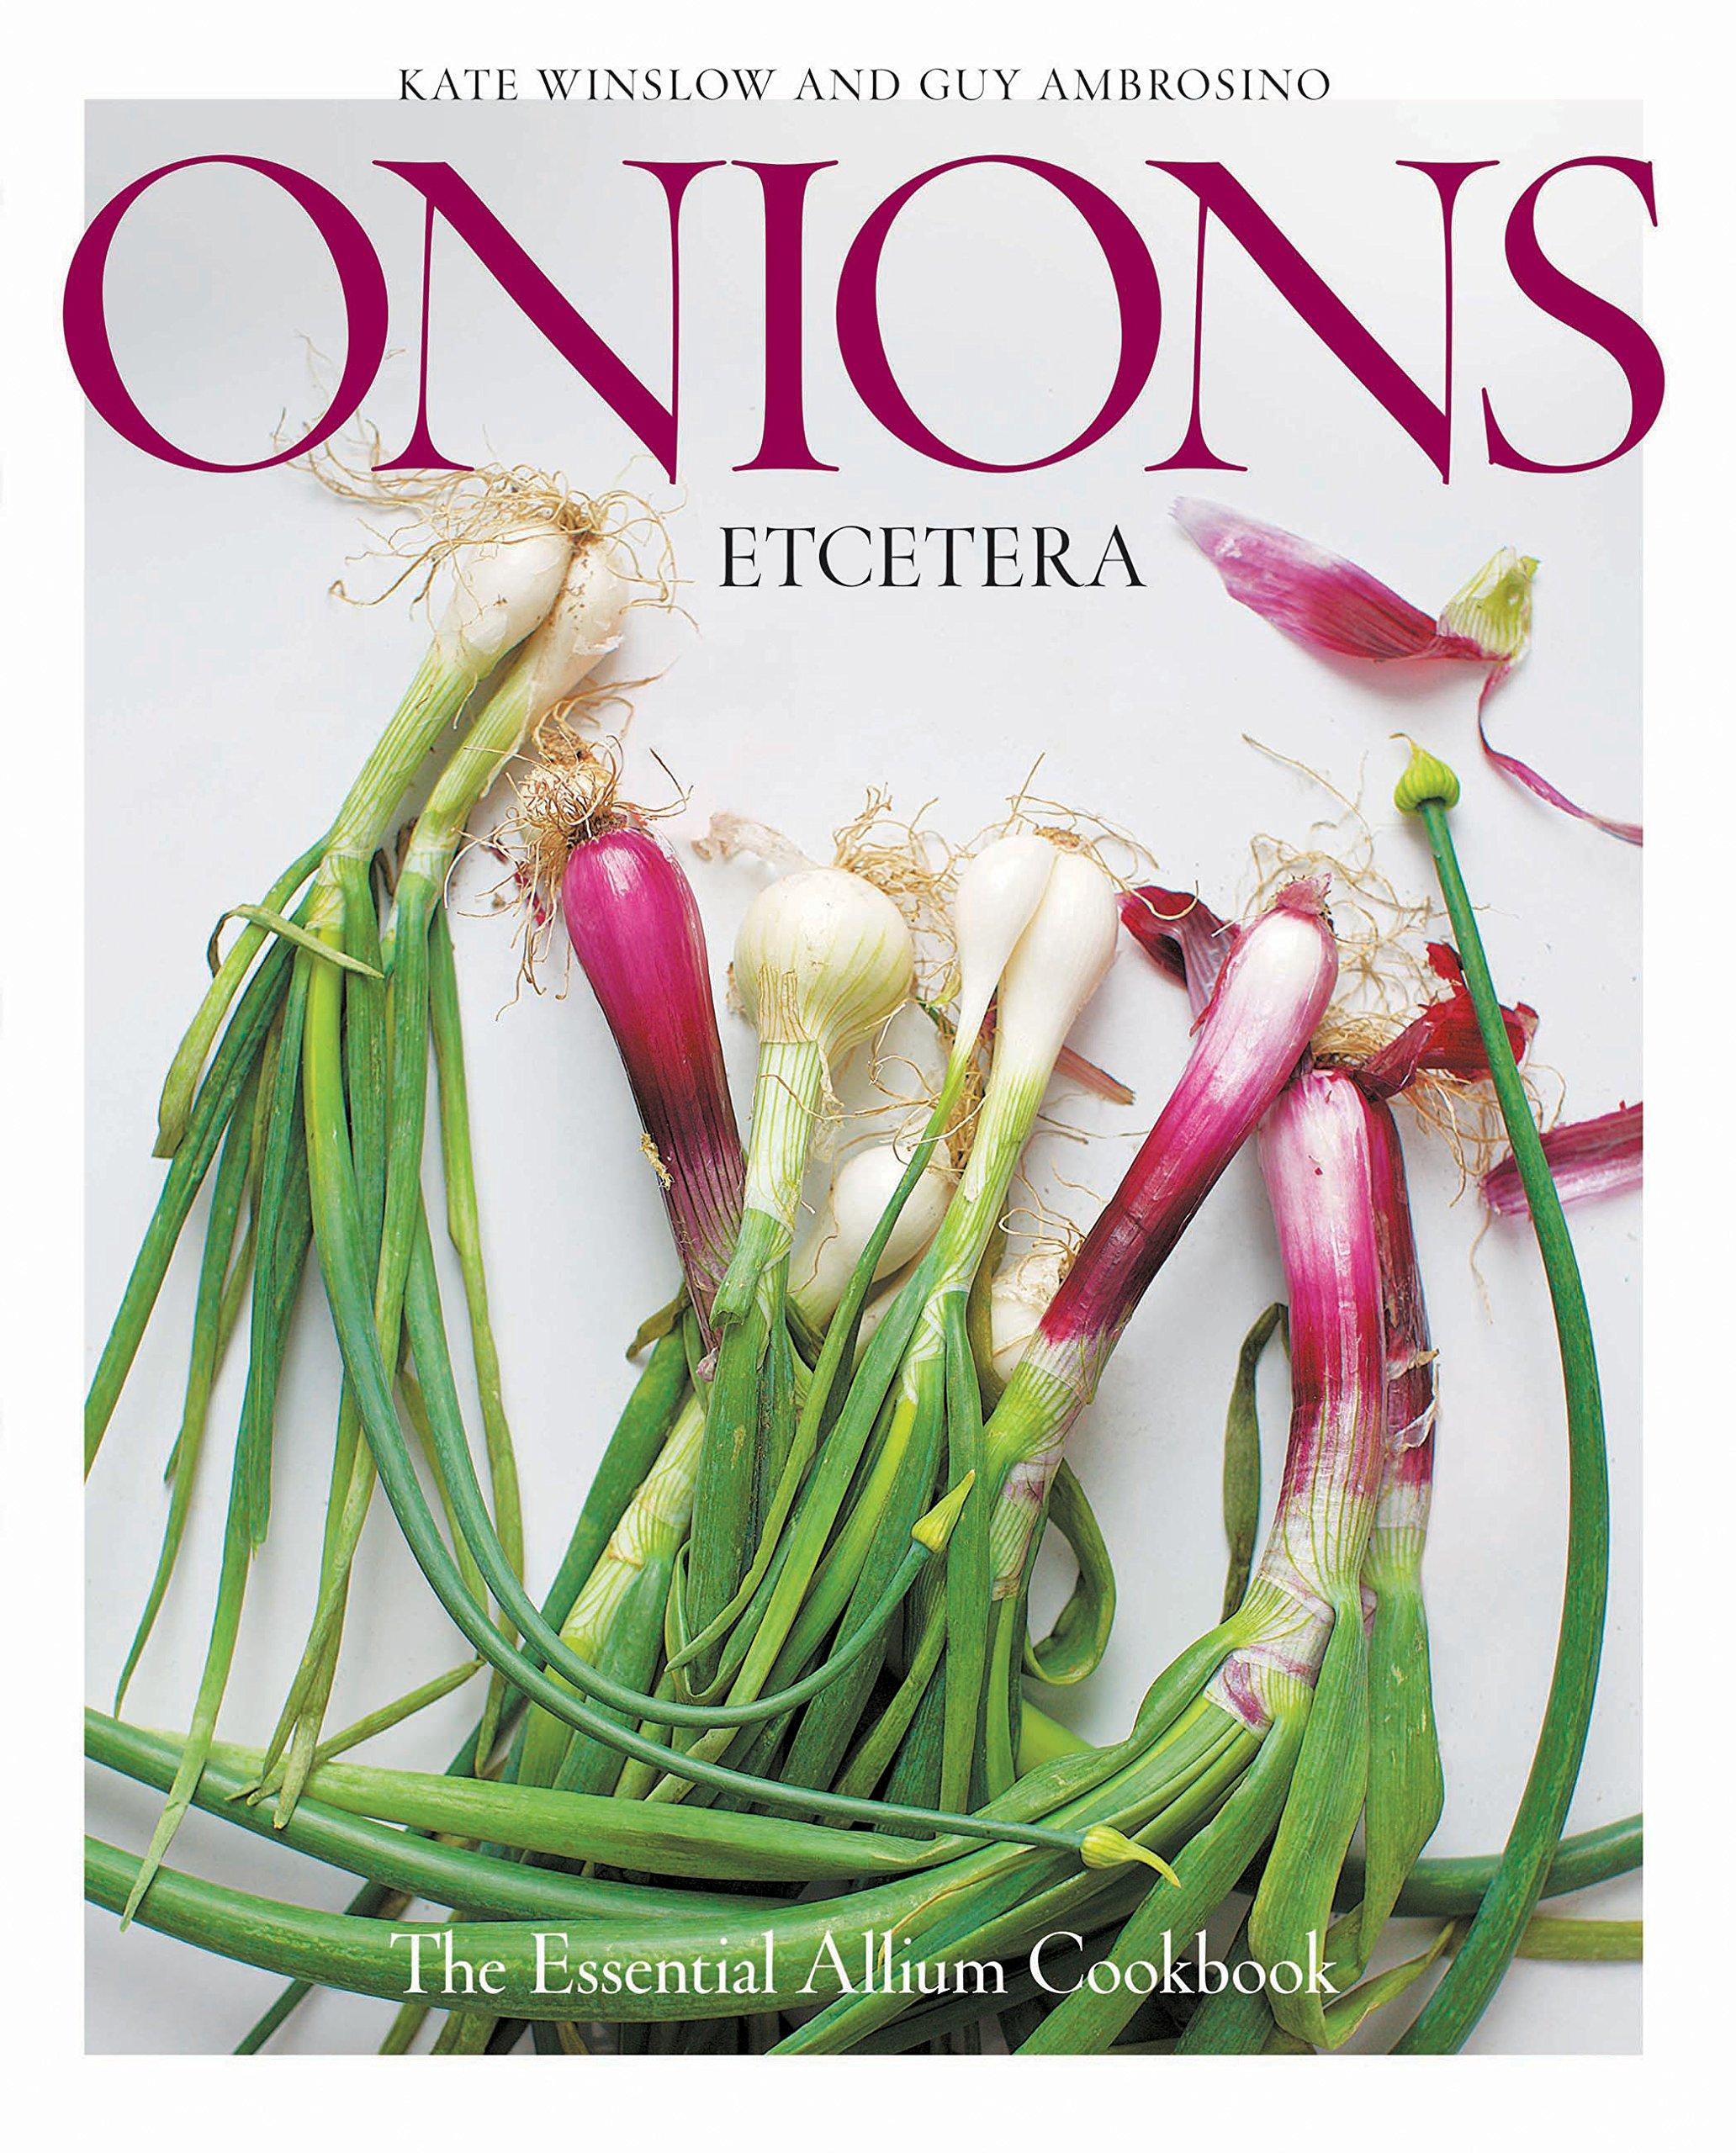 Onions Etcetera The Essential Allium Cookbook More Than 150